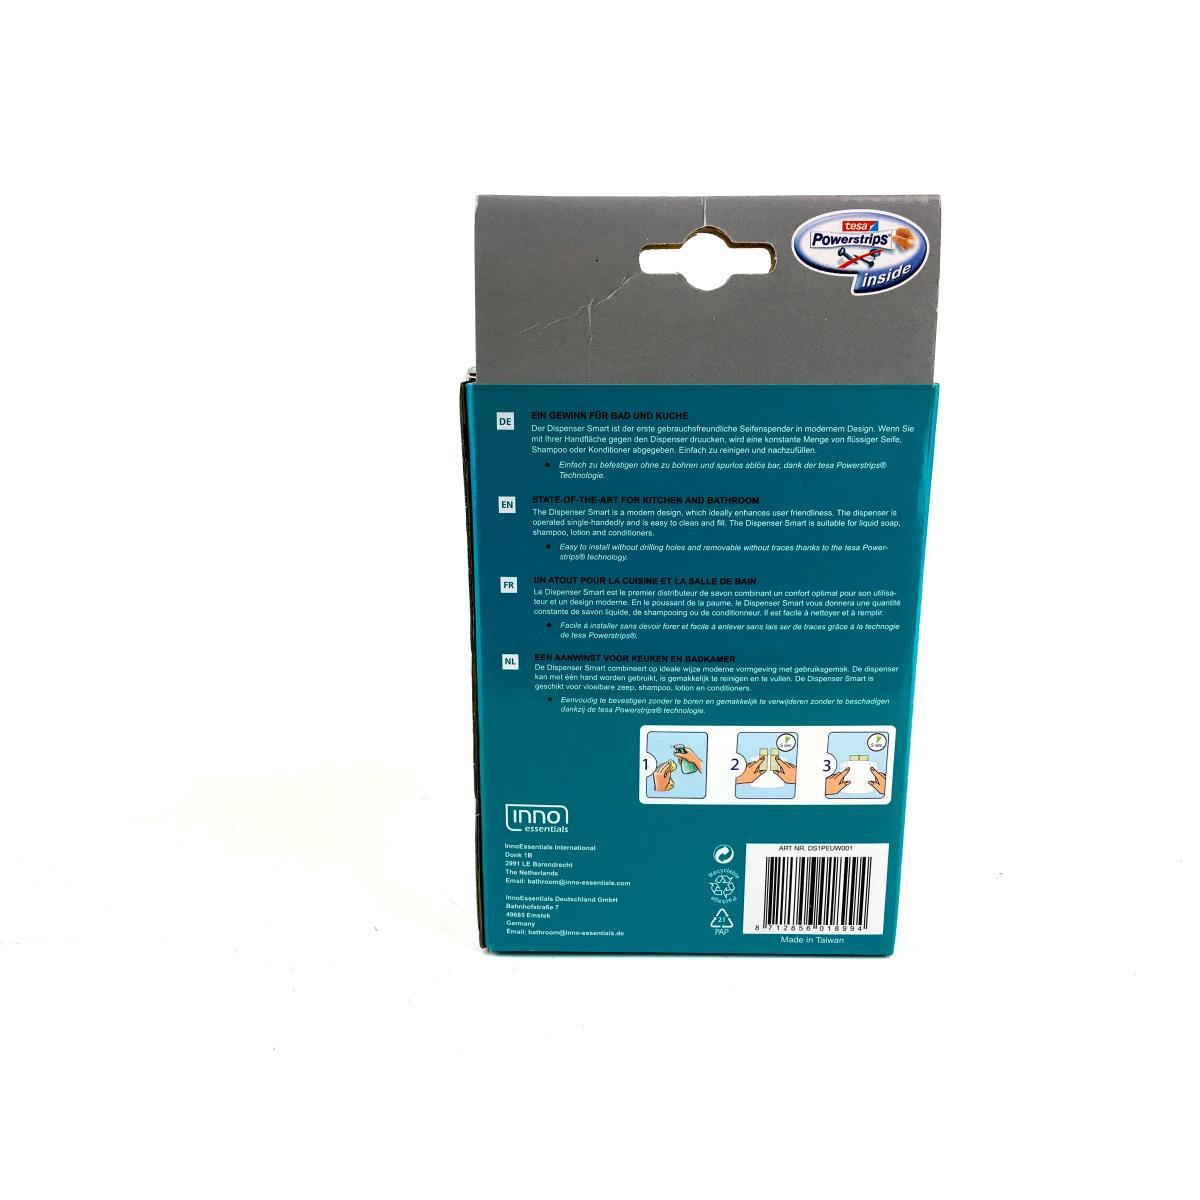 Dispenser seifenspender wandmontage fl ssigseifenspender farbe wei ohne bohren - Seifenspender wand ohne bohren ...